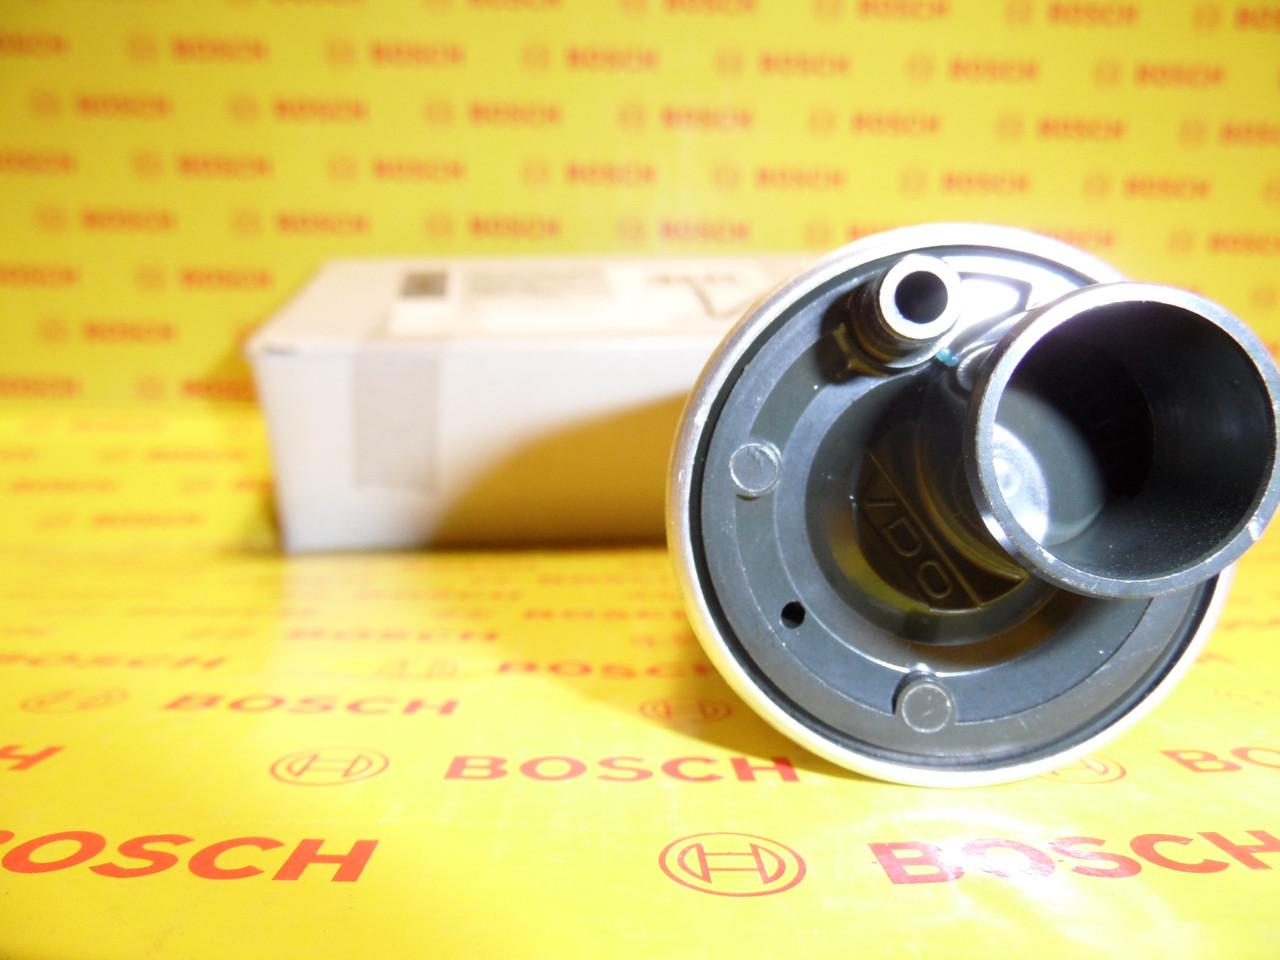 Бензонасос, VDO, 405052002001Z, 405-052-002-001Z, Audi A8